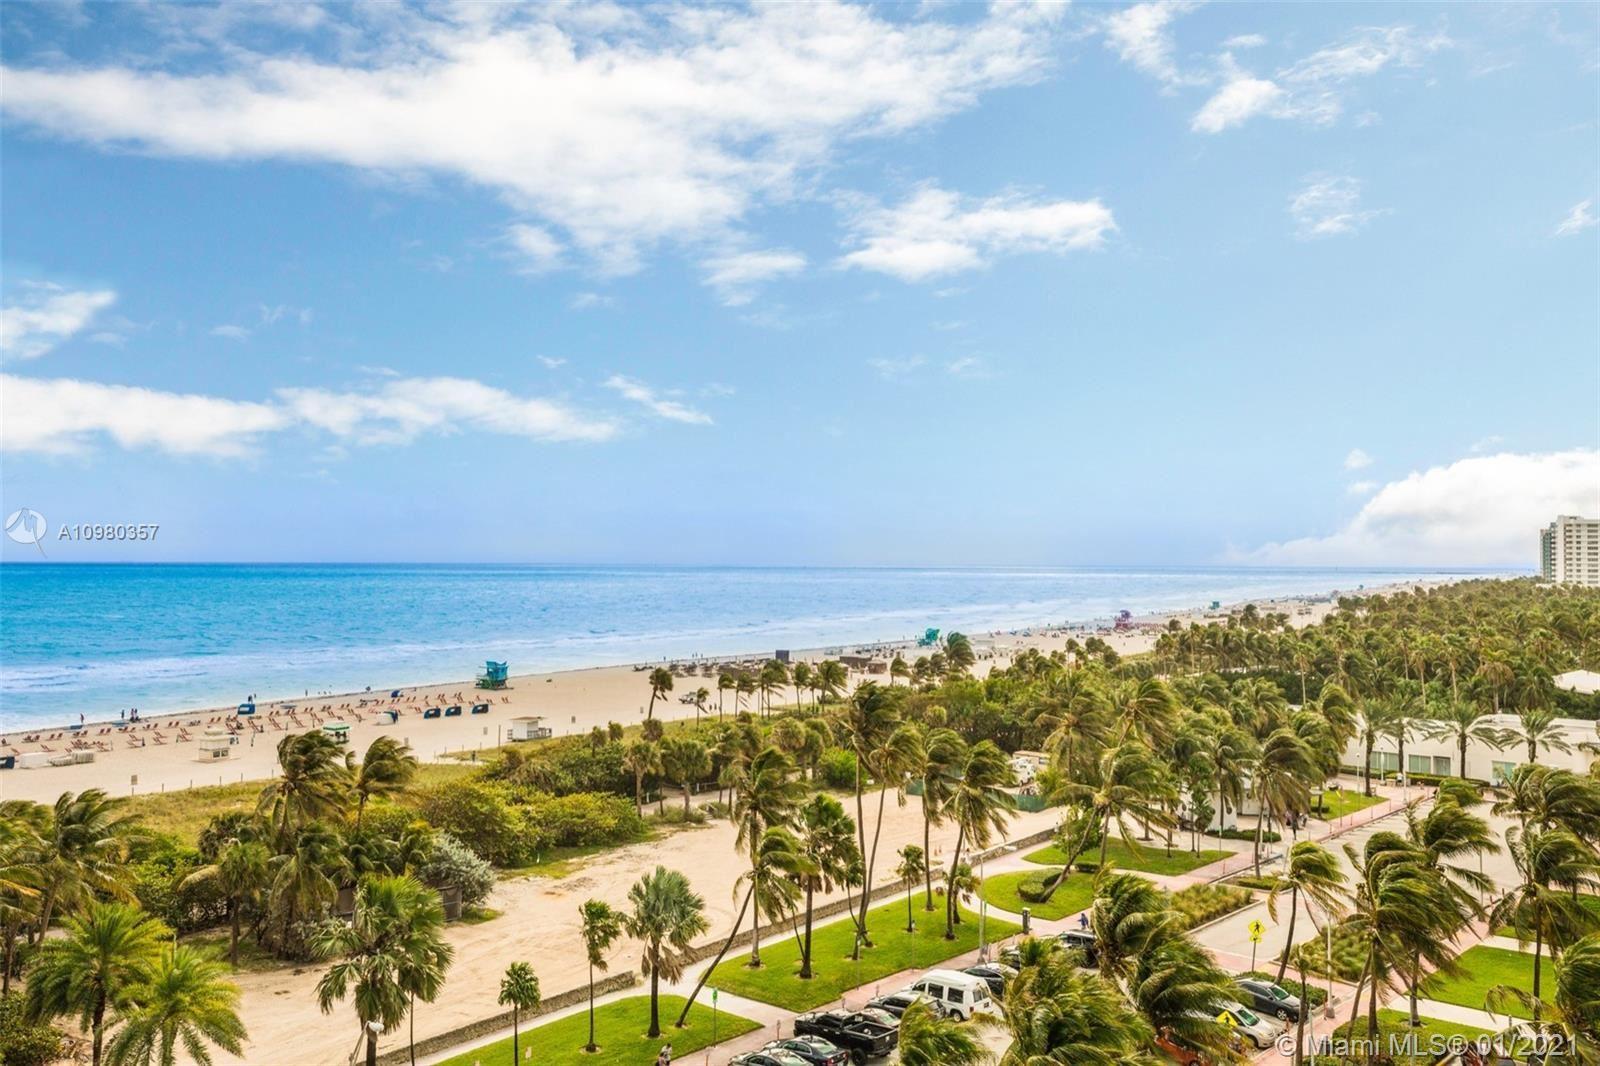 2201 Collins Ave #814, Miami Beach, FL 33139 - #: A10980357